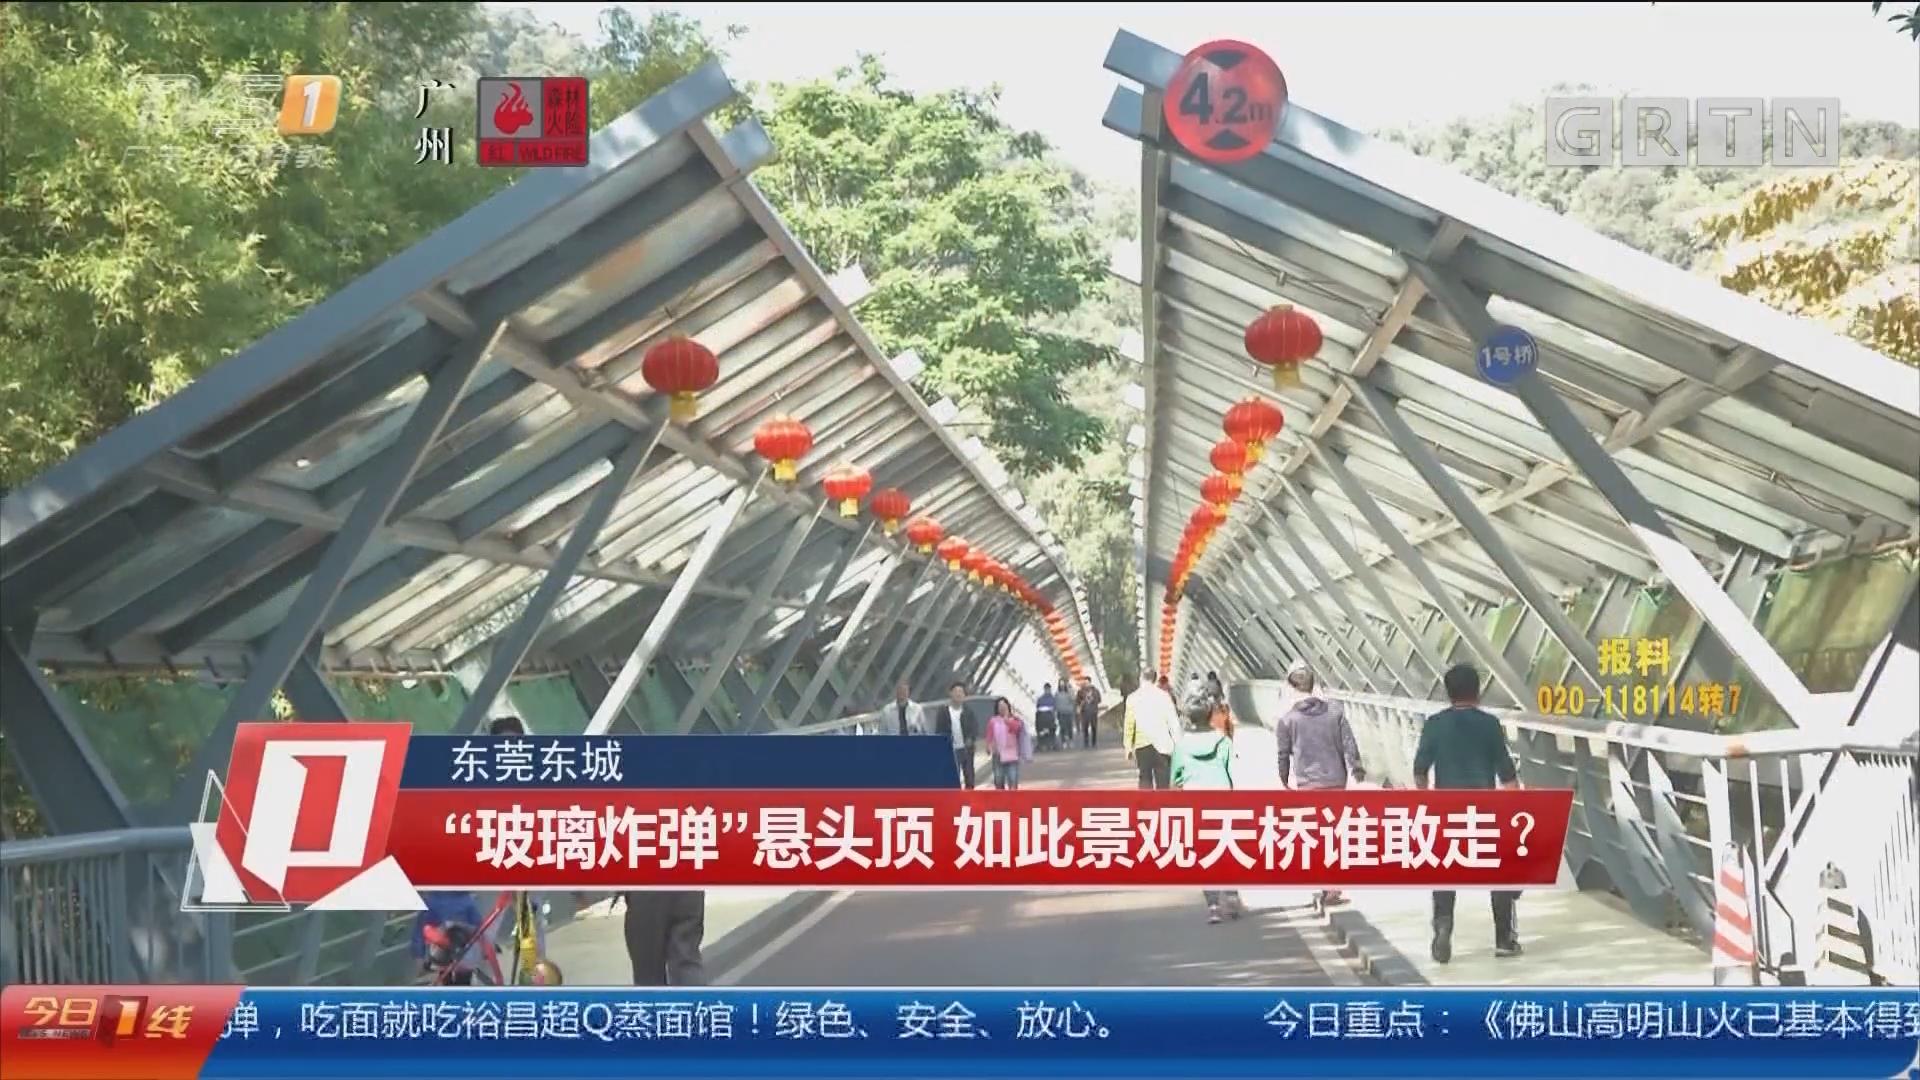 """东莞东城:""""玻璃炸弹""""悬头顶 如此景观天桥谁敢走?"""